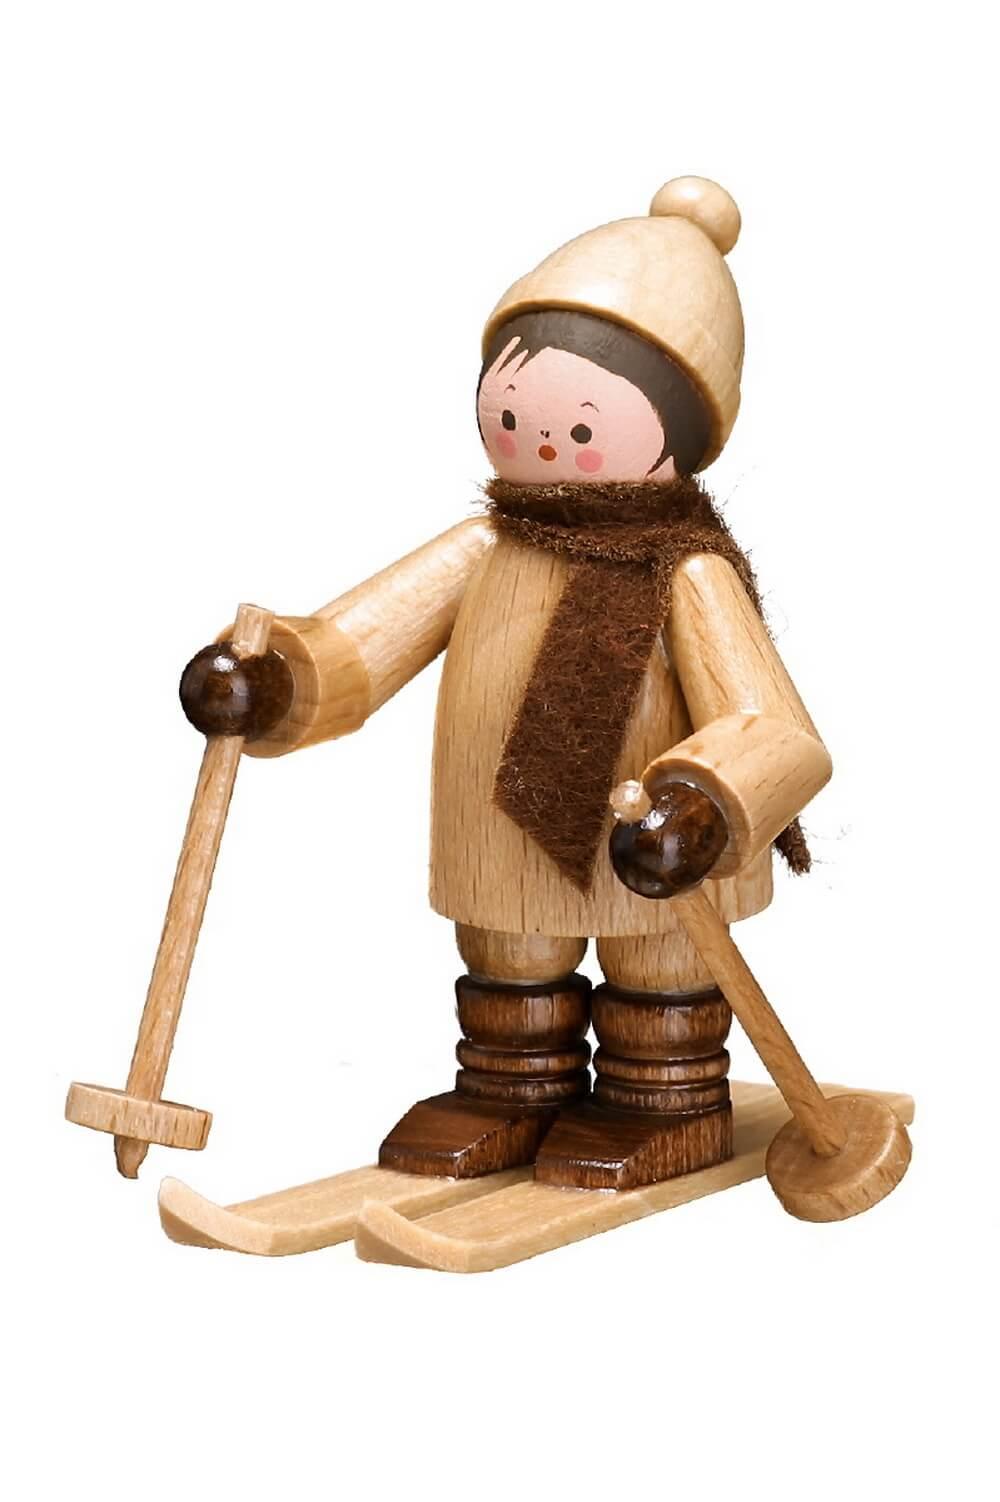 Der Skifahrer von Romy Thiel. Elegant und schwungvoll, gleitet dieser liebvoll gearbeitete Skifahrer in natur von Romy Thiel Deutschneudorf/ Erzgebirge, den …